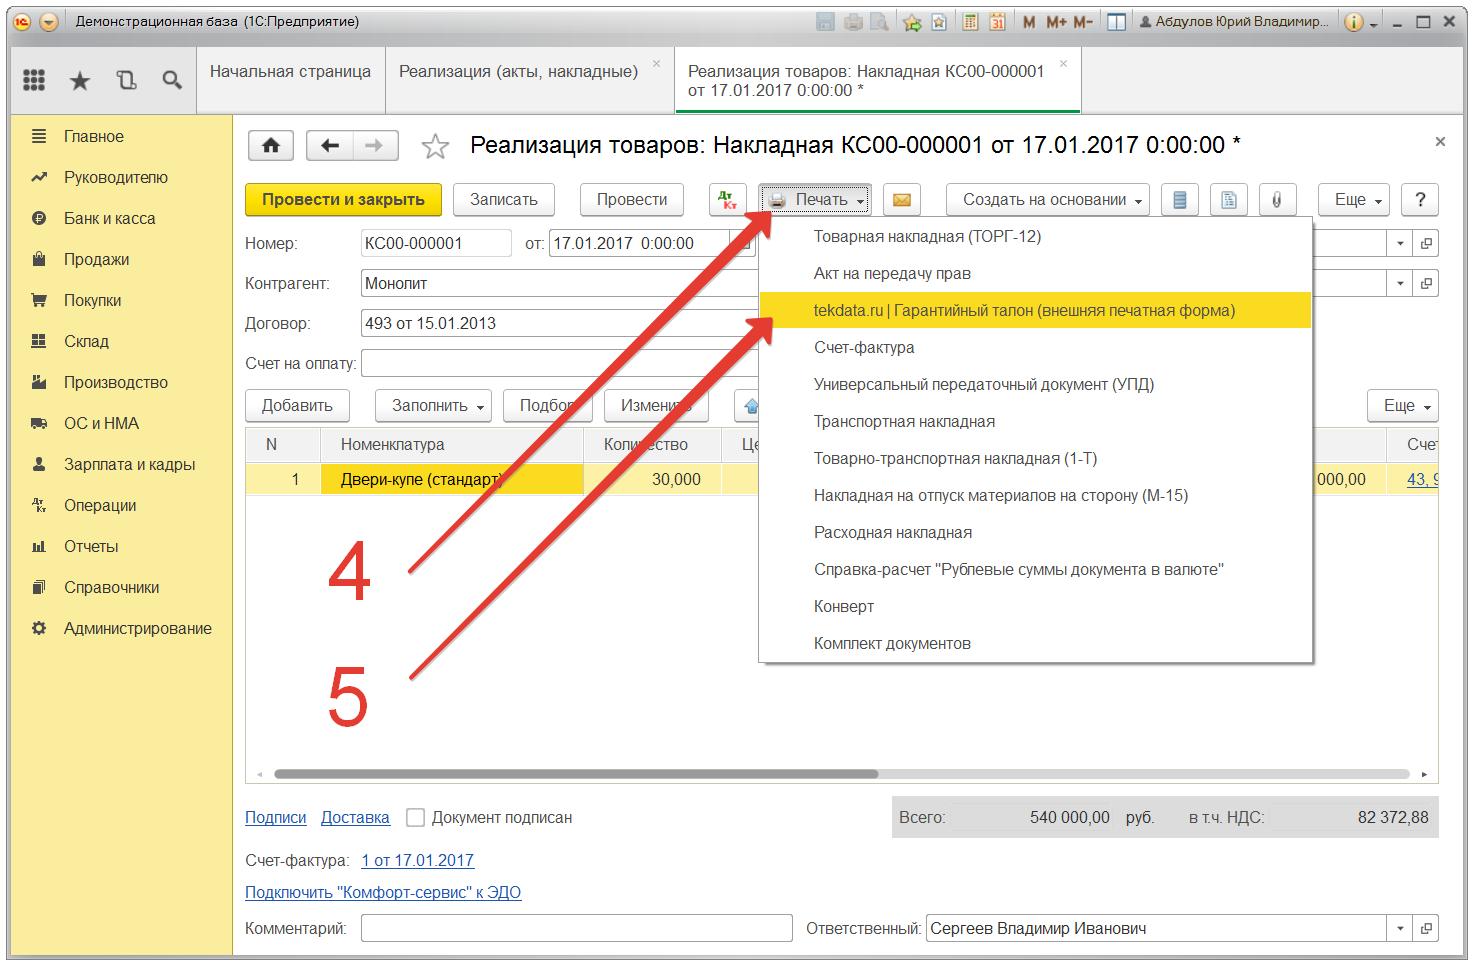 Выводим печатную форму (Действия 4-5) | tekdata.ru